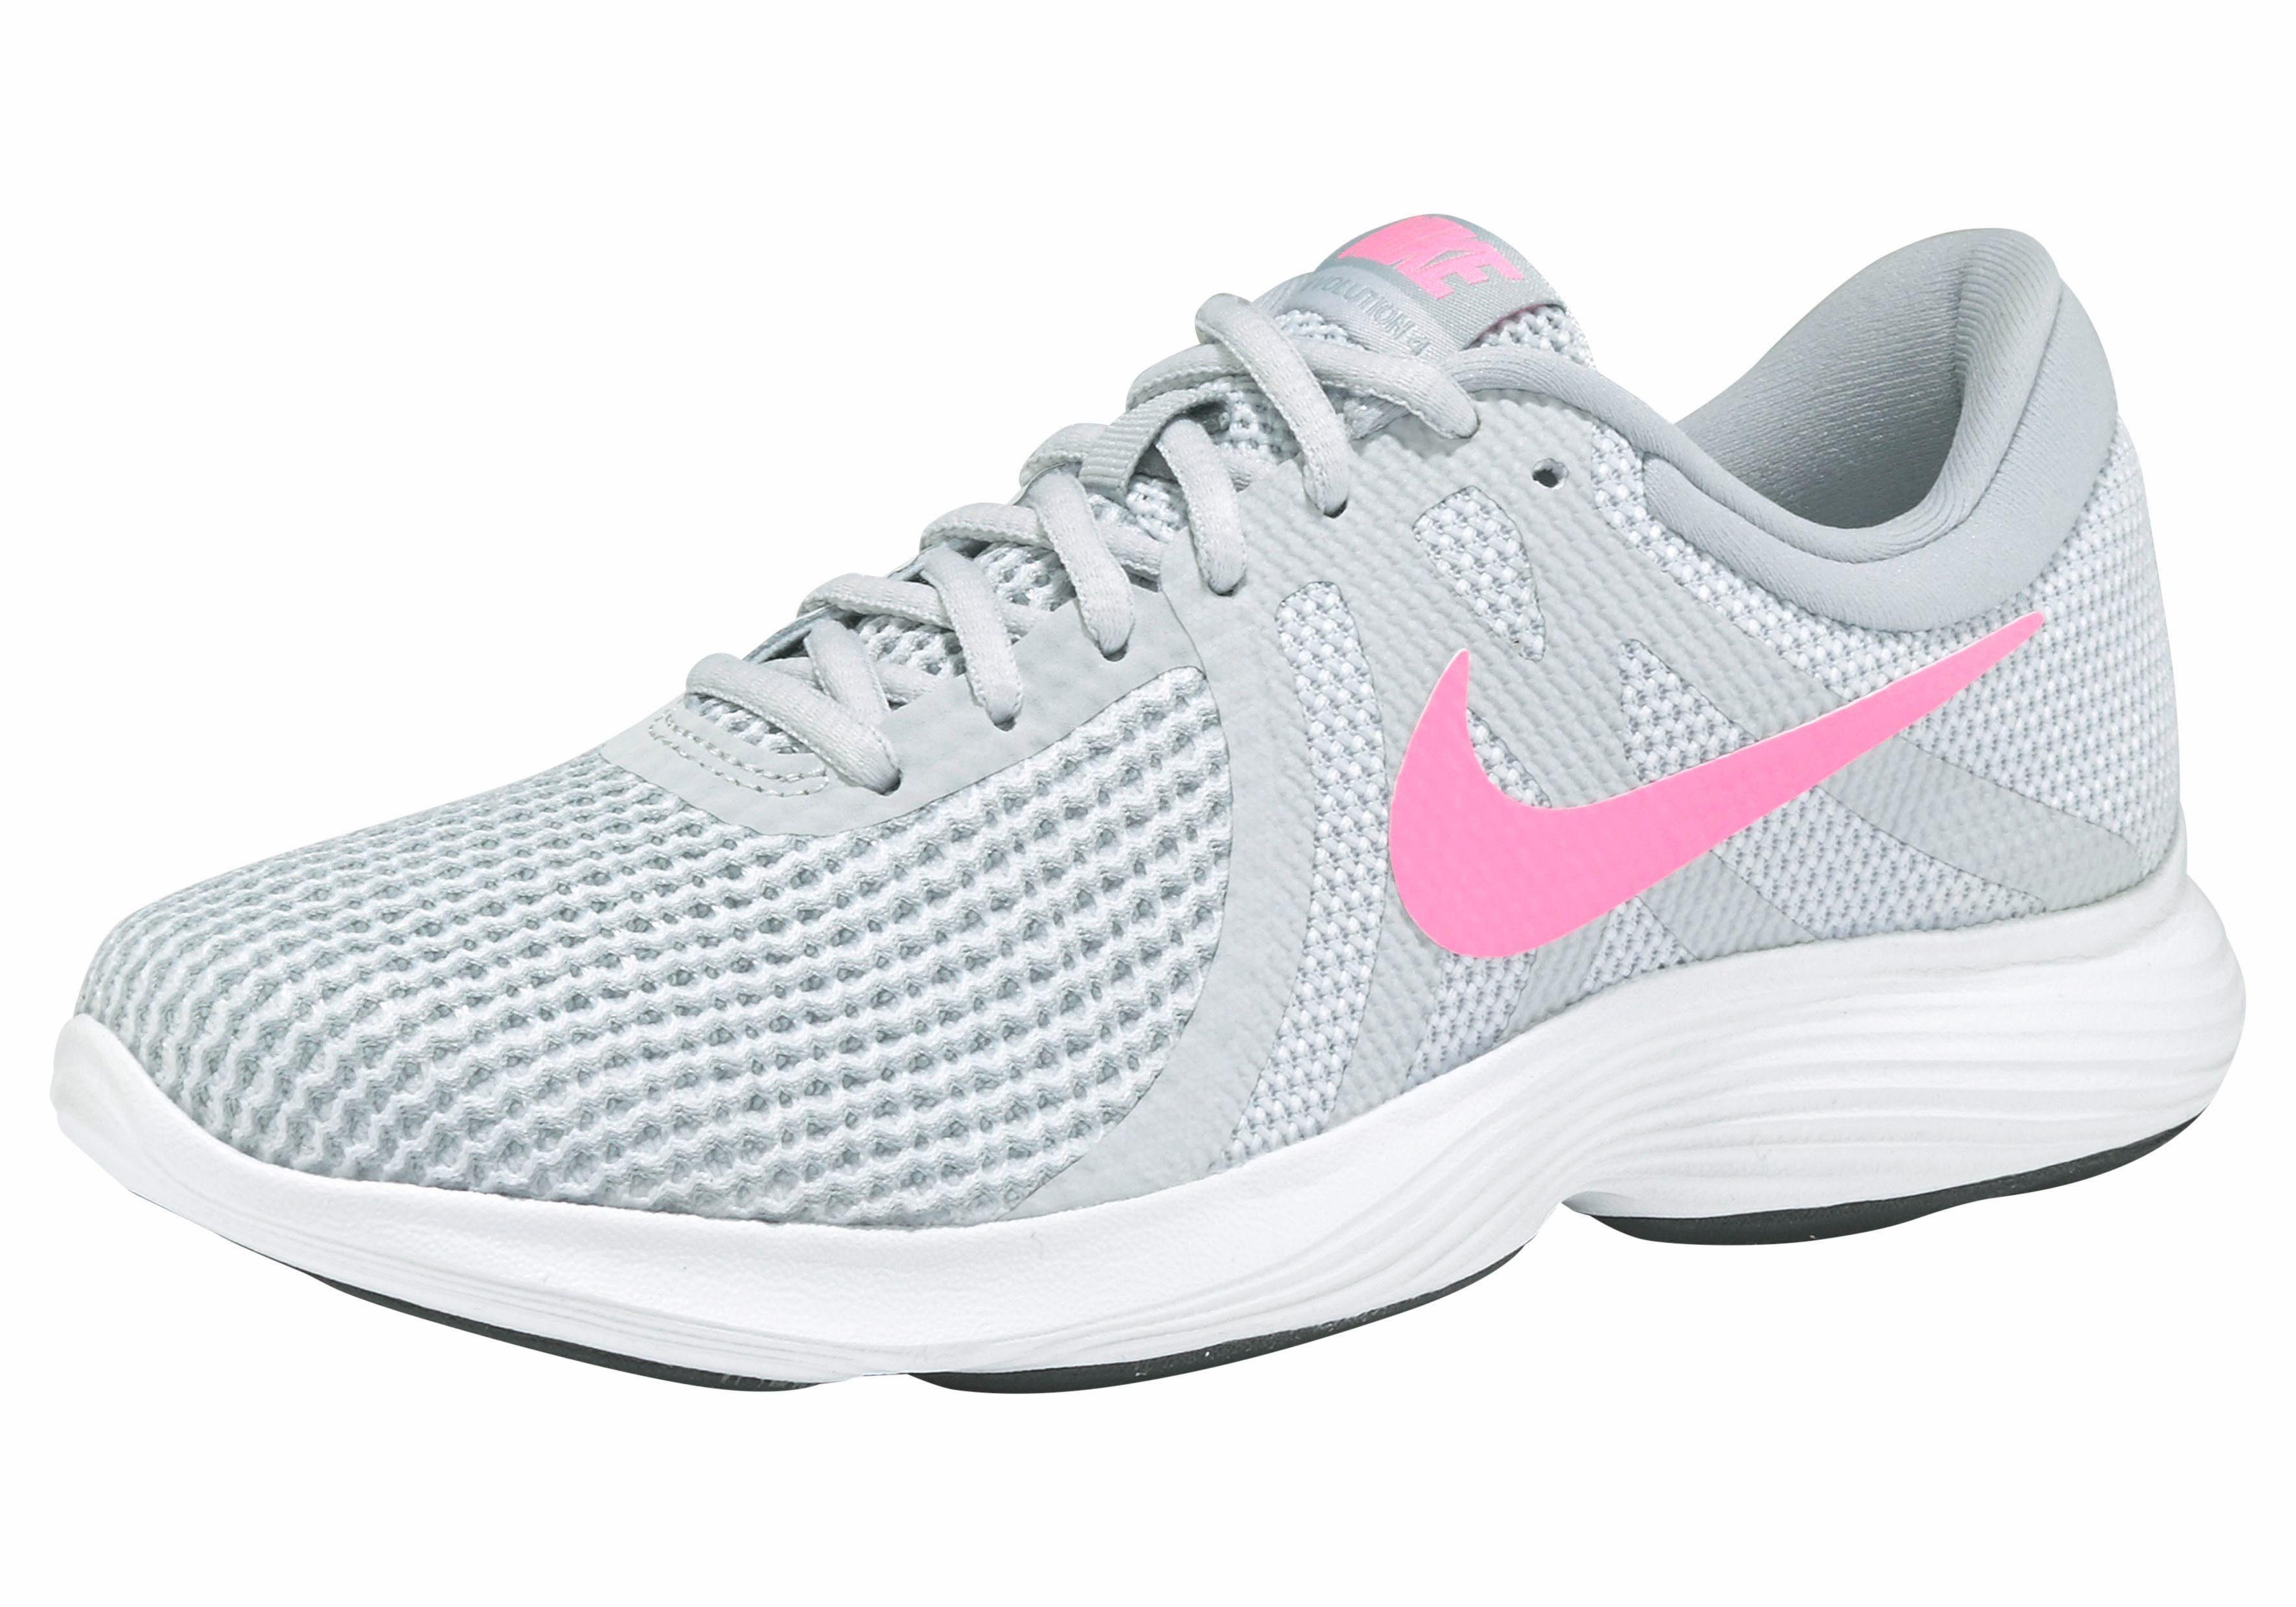 Nike »Wmns Revolution 4« Laufschuh, Leichter Laufschuh von Nike online kaufen   OTTO